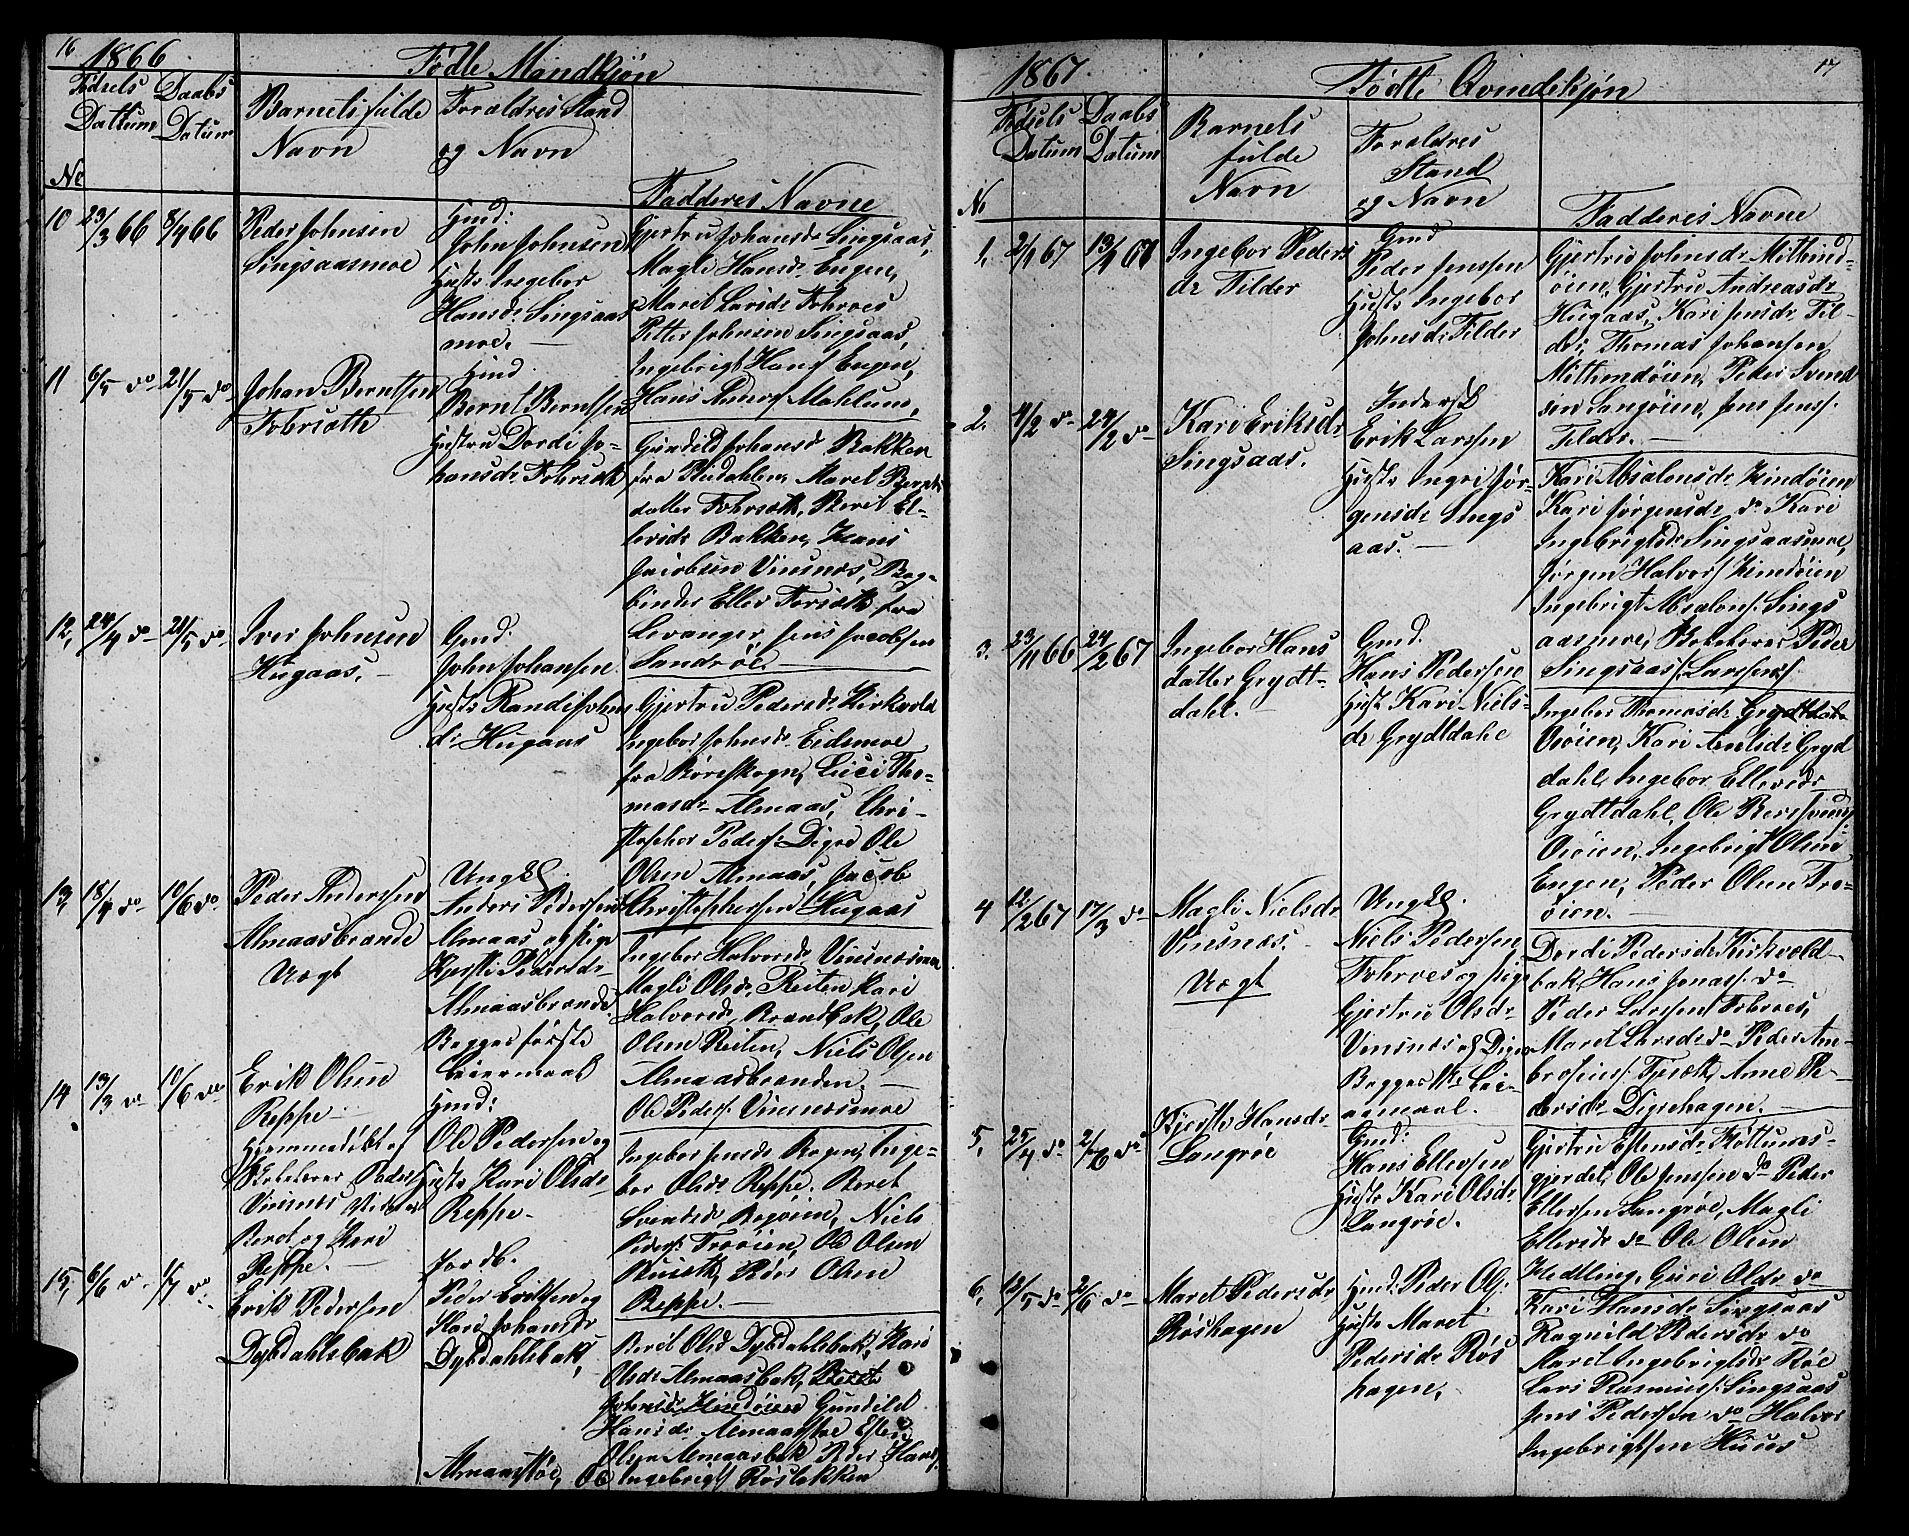 SAT, Ministerialprotokoller, klokkerbøker og fødselsregistre - Sør-Trøndelag, 688/L1027: Klokkerbok nr. 688C02, 1861-1889, s. 16-17